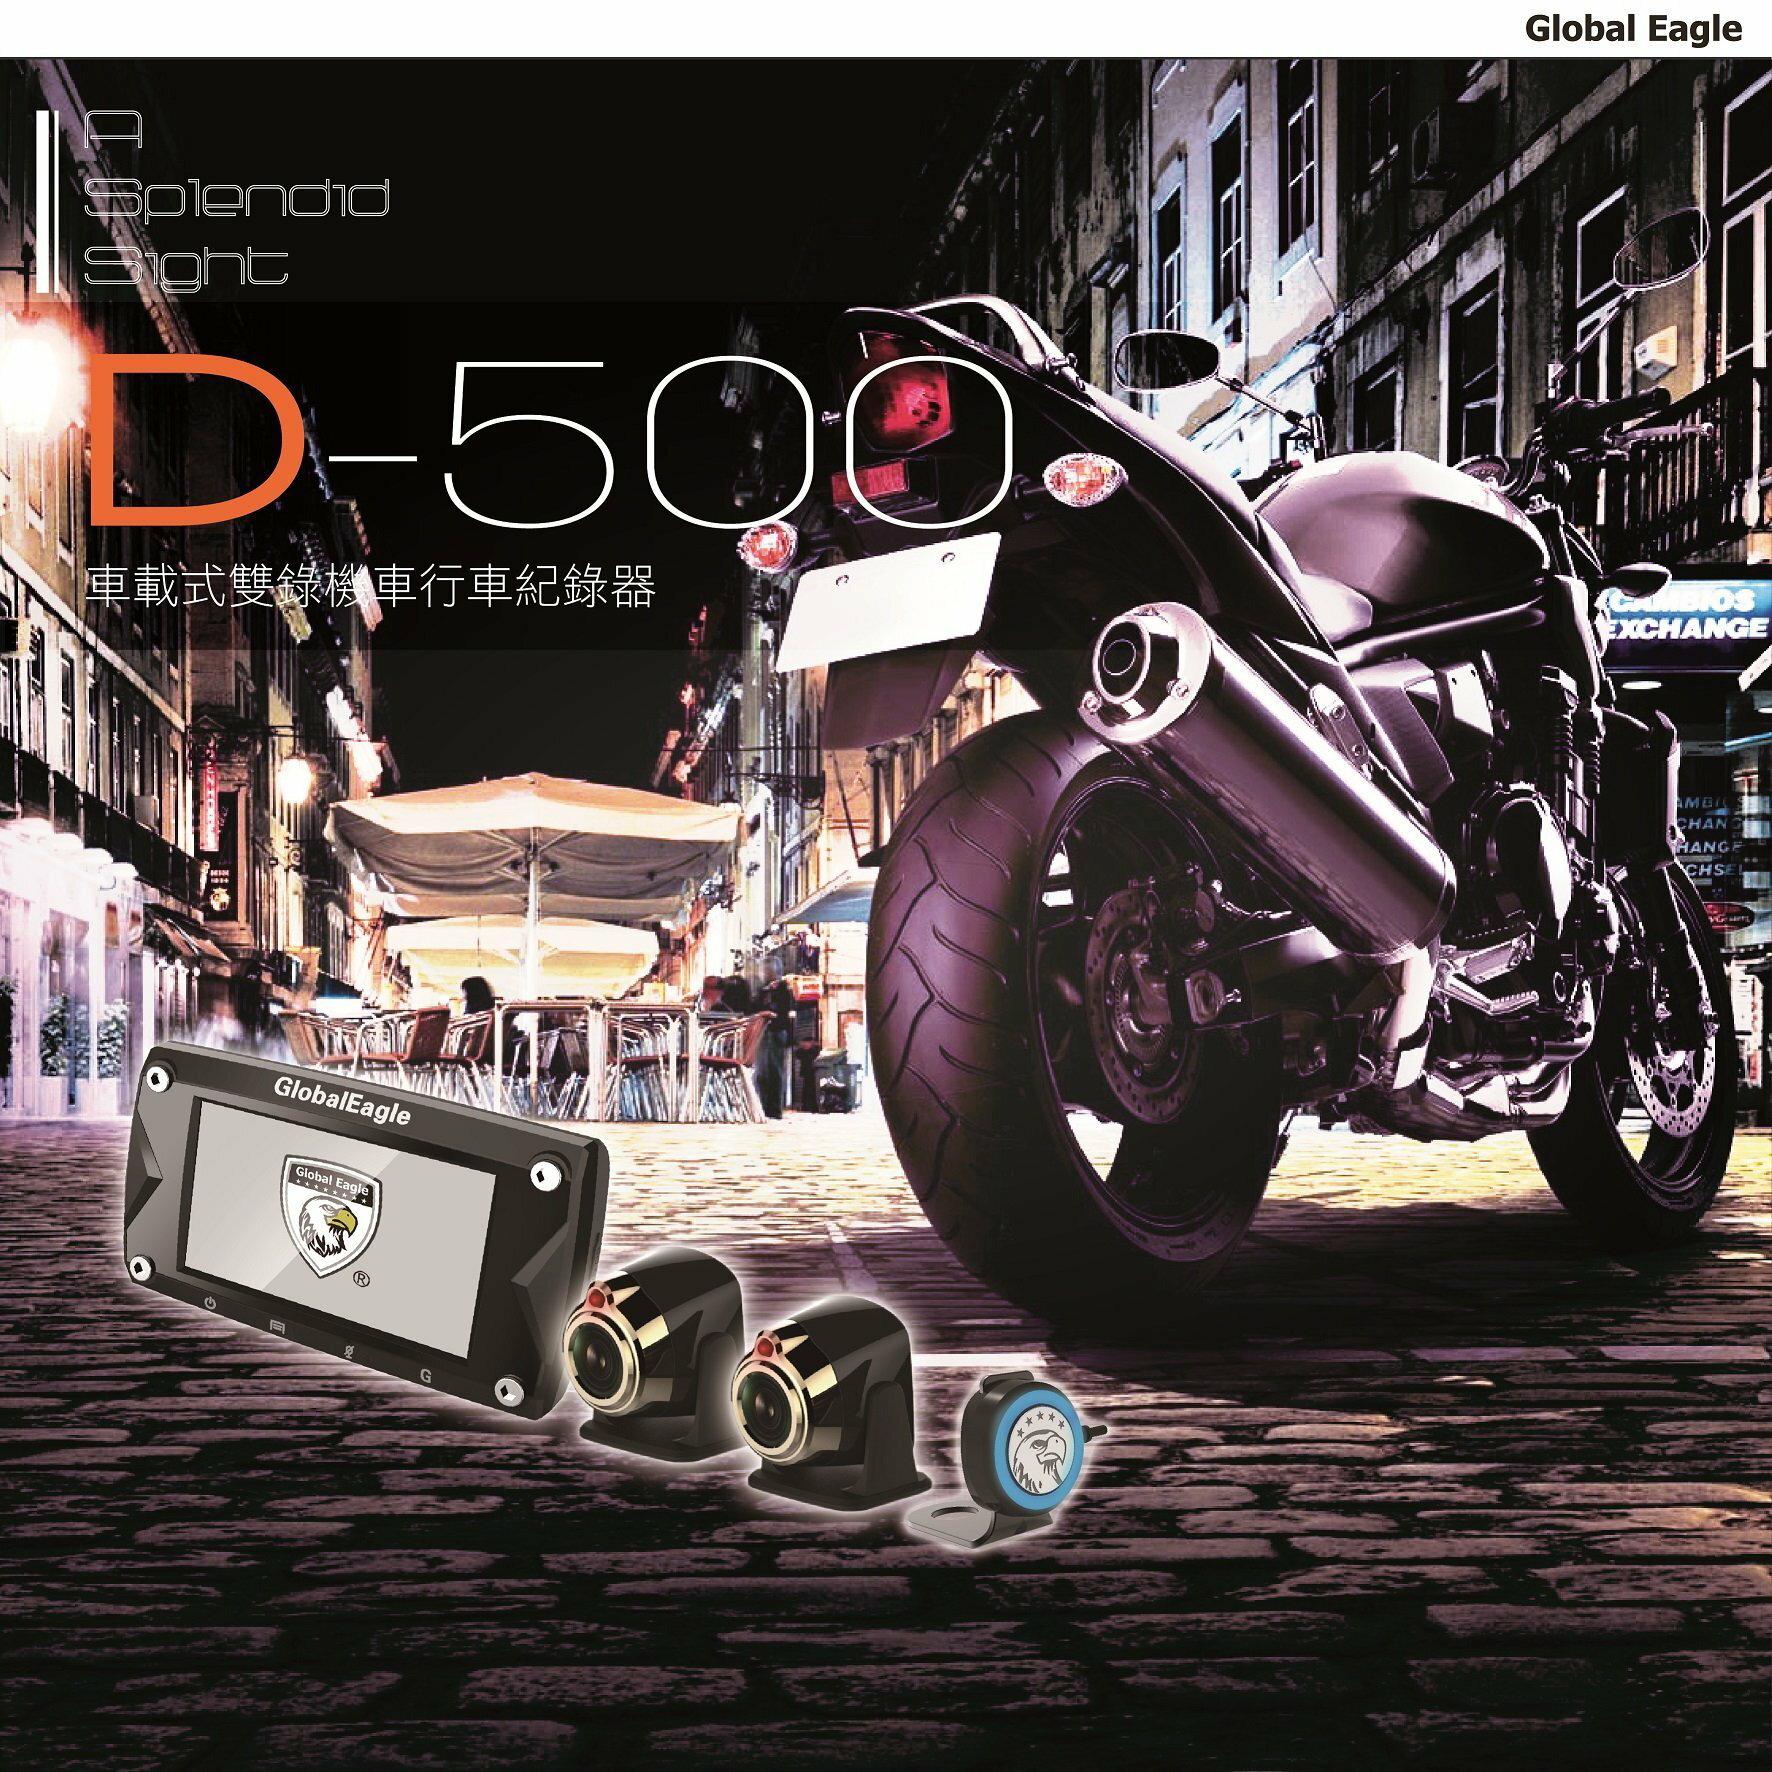 [富廉網] 【響尾蛇】D-500 雙鏡頭 行車紀錄器